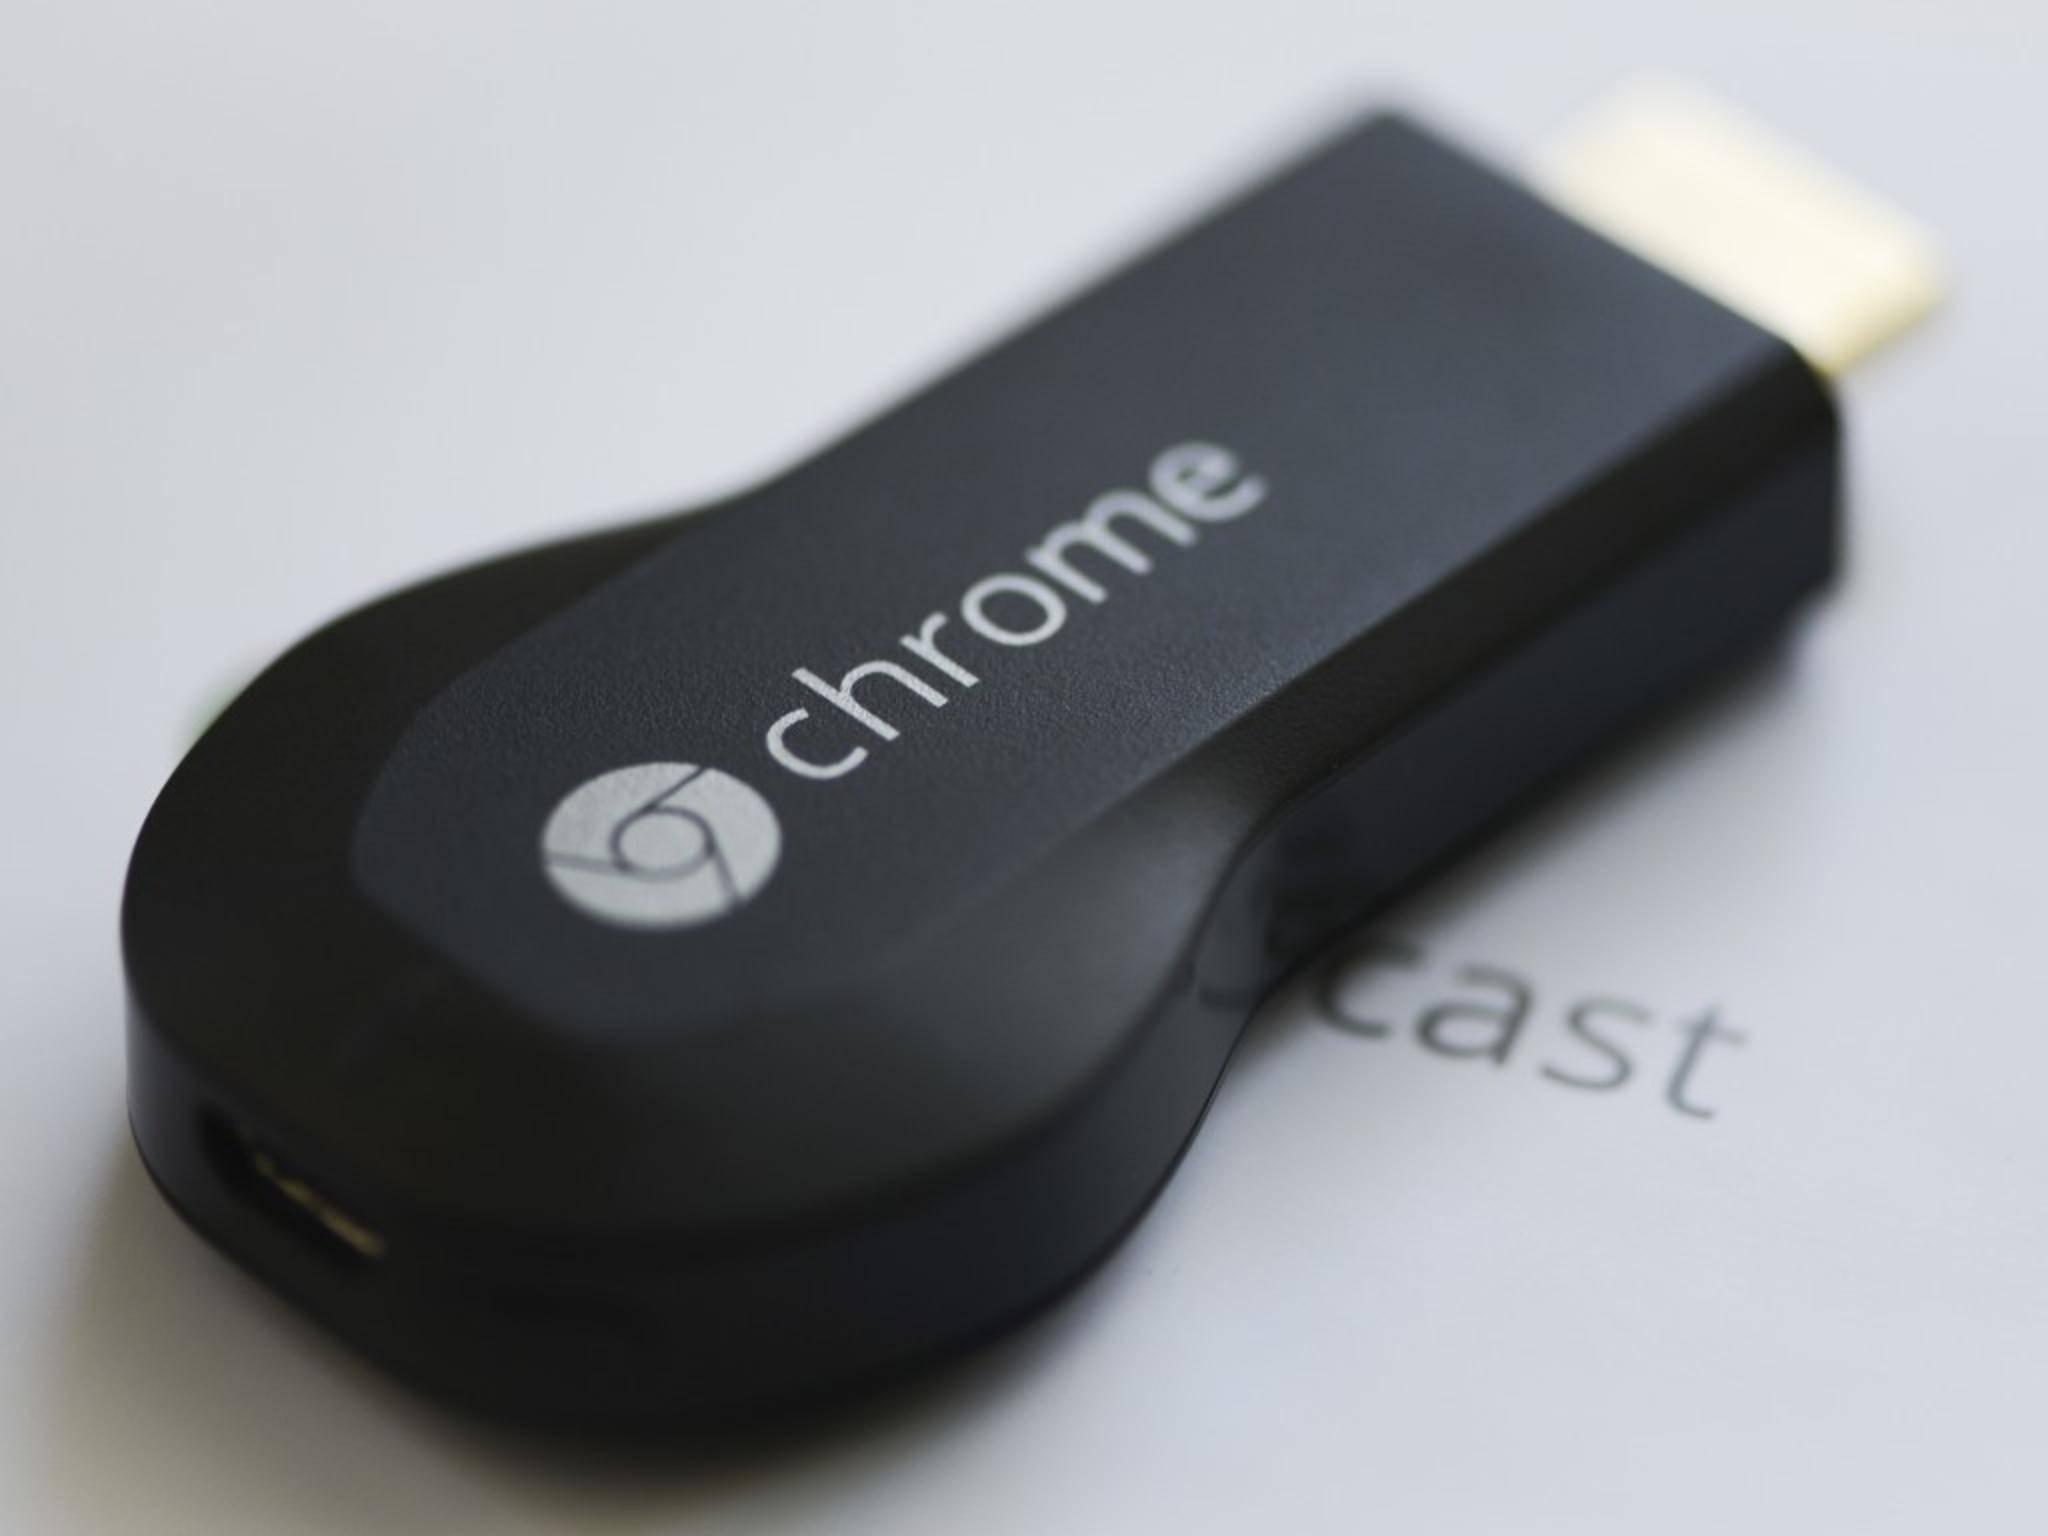 Google Chromecast kann mit wenigen Schritten eingerichtet werden.